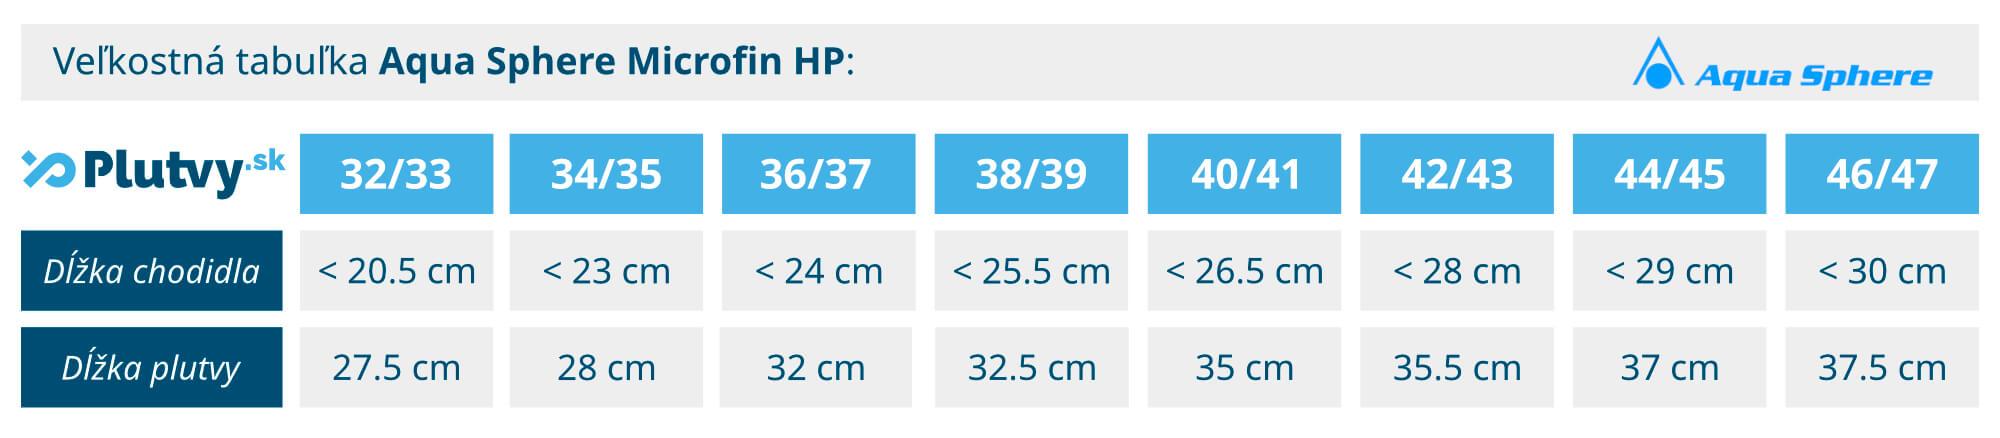 AQS Microfin HP tabuľka veľkostí detské a juniorske plutvy, v obchode Plutvy.sk